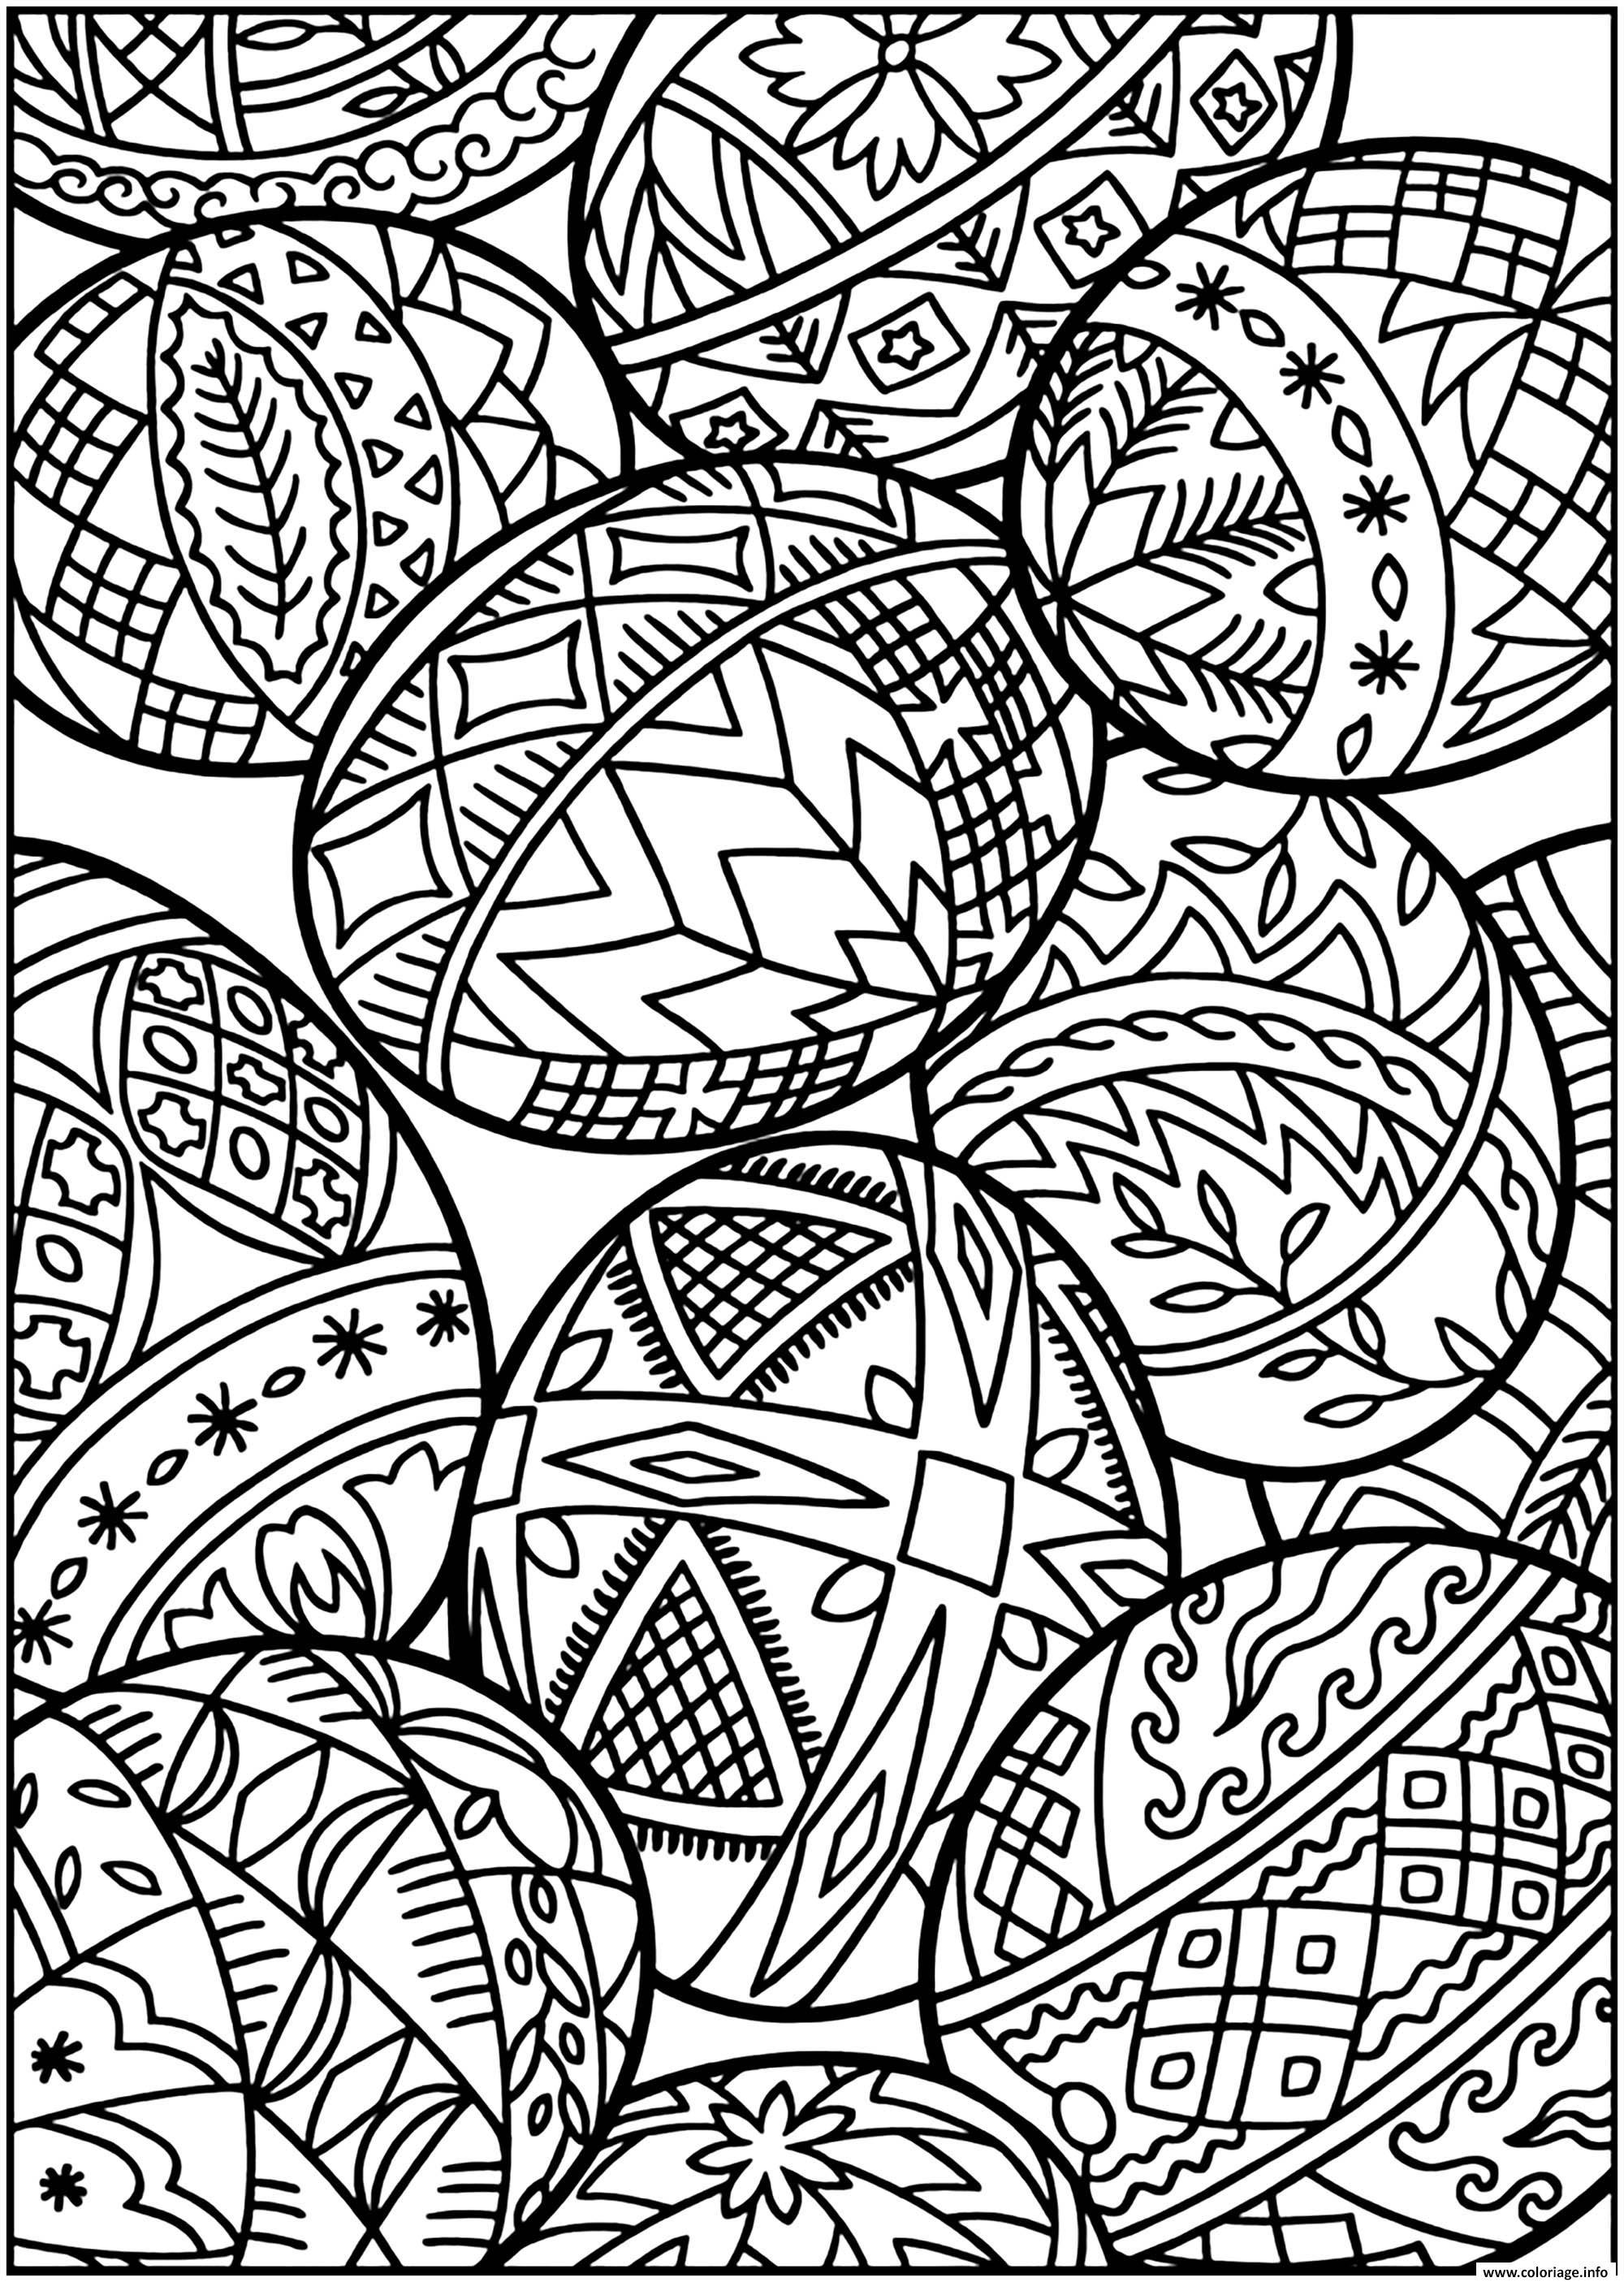 Dessin oeuf de paques egg pattern Coloriage Gratuit à Imprimer